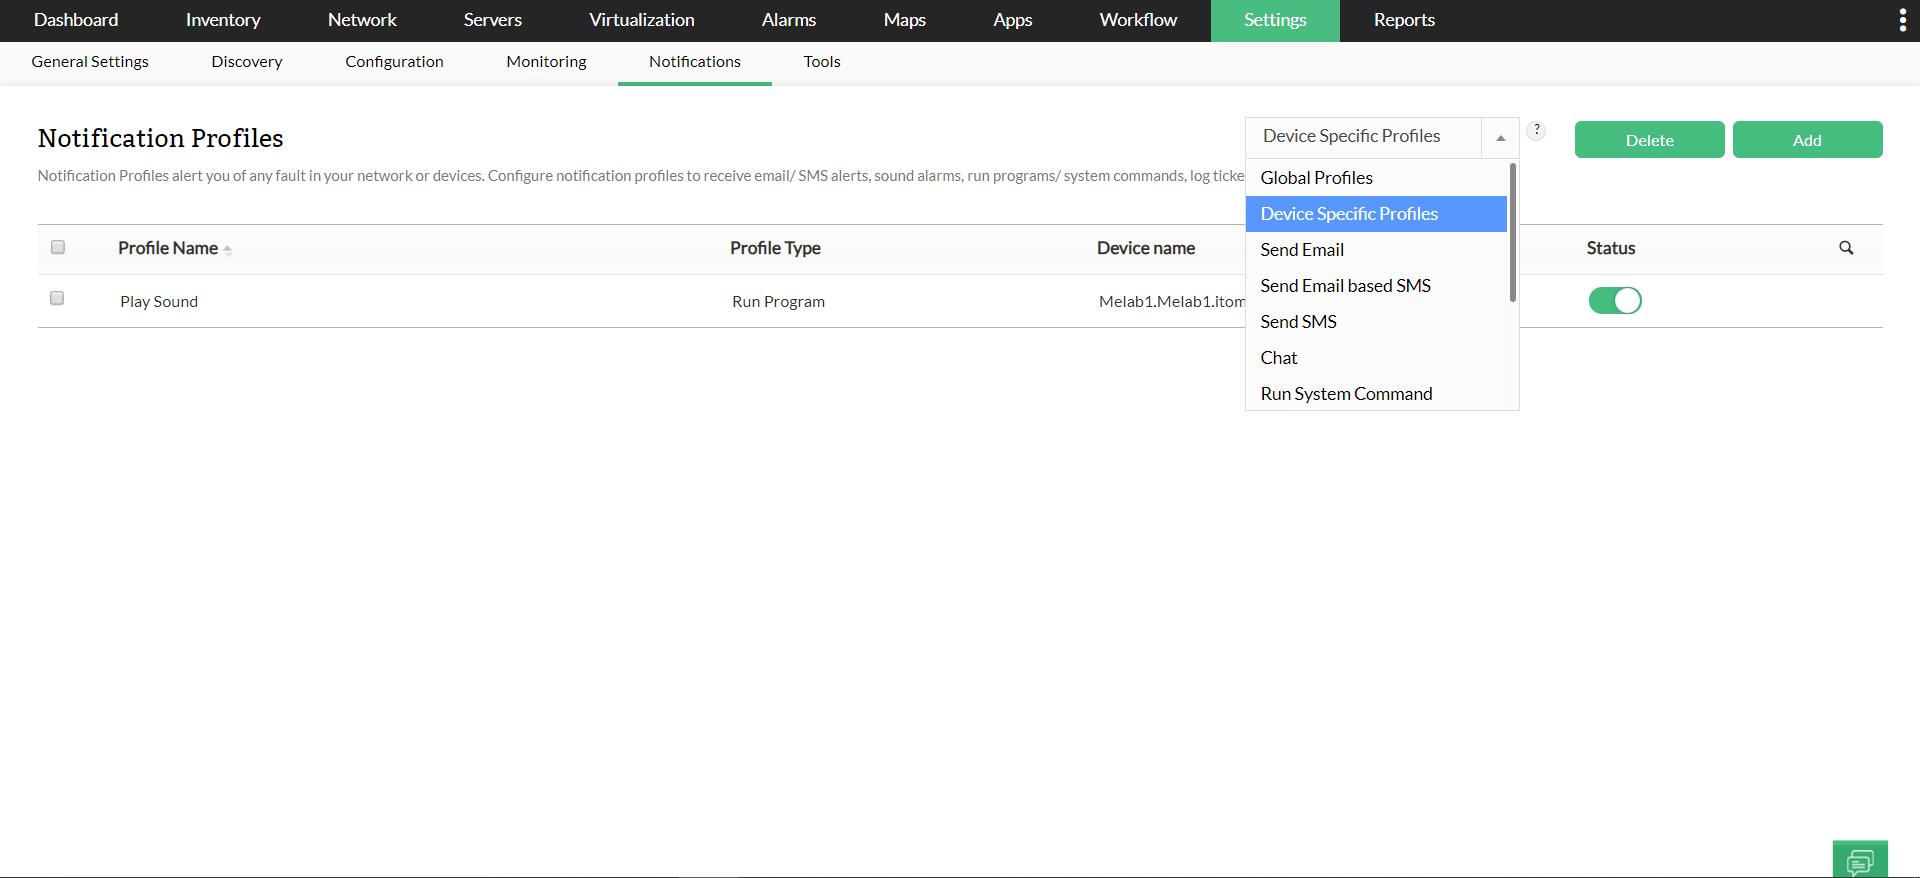 Para asociar el perfil de notificación a un monitor existente